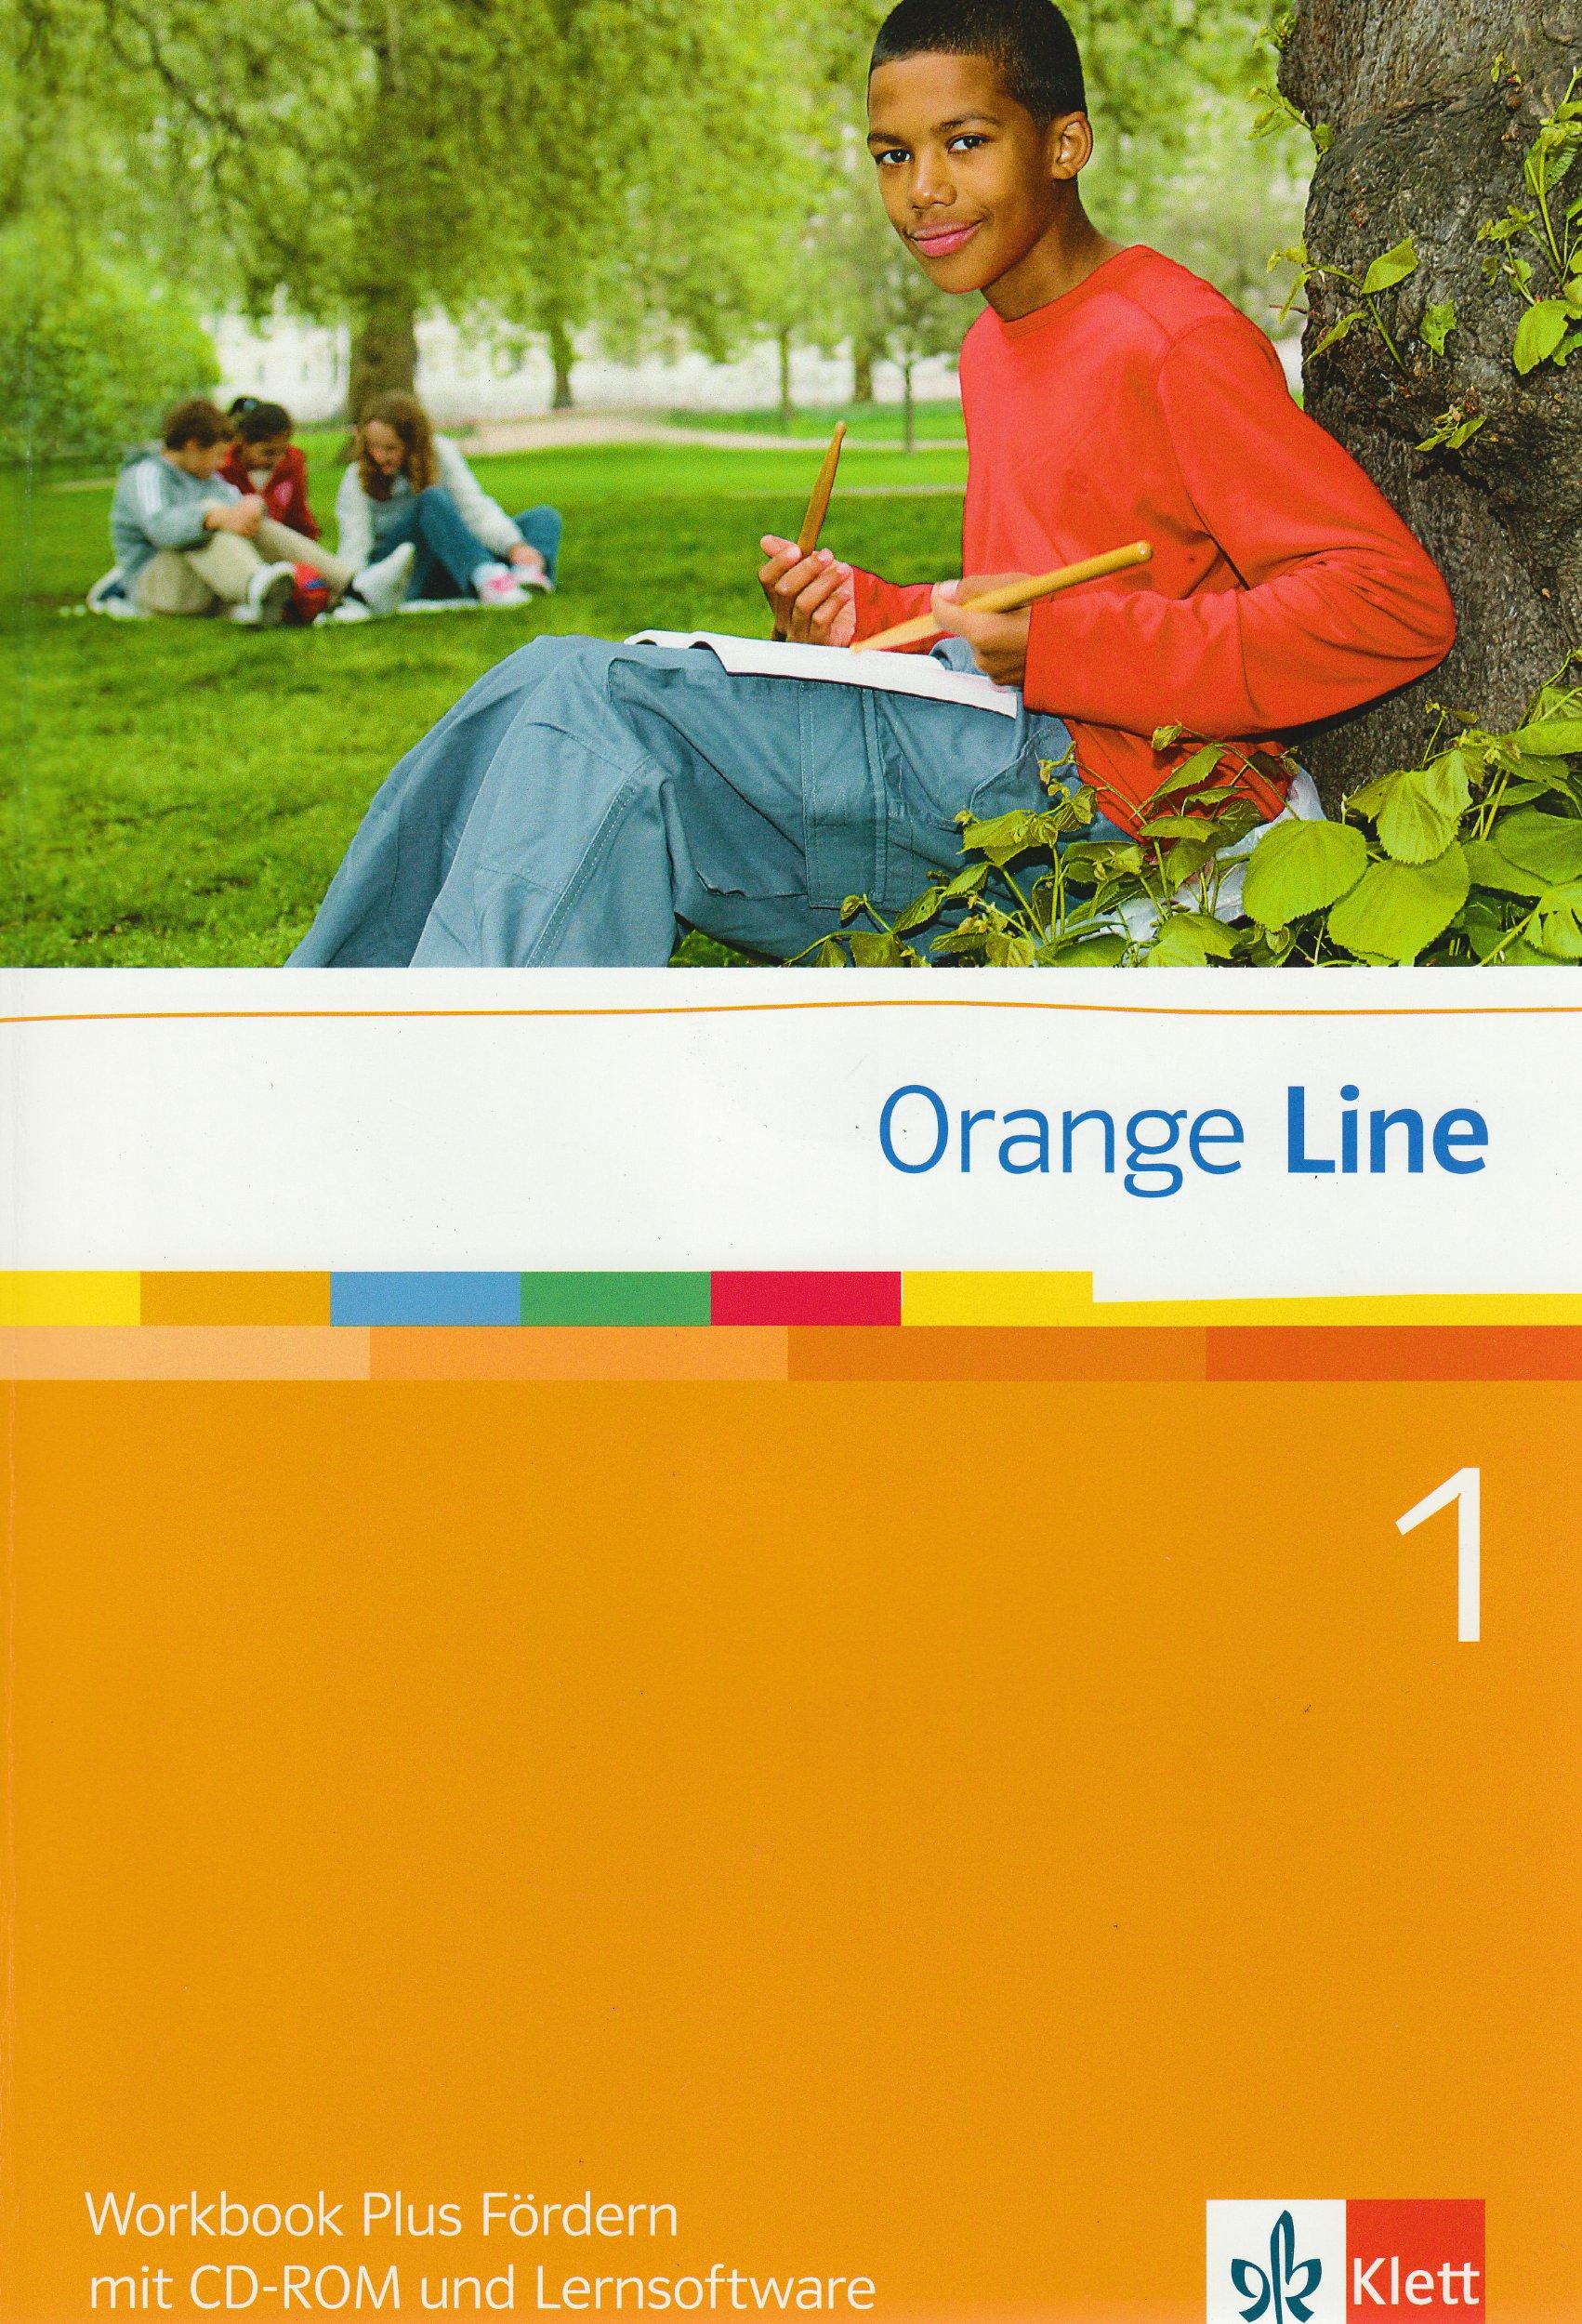 Orange Line / Workbook plus Fördern mit CD-ROM + Lernsoftware Teil 1 (1. Lehrjahr)